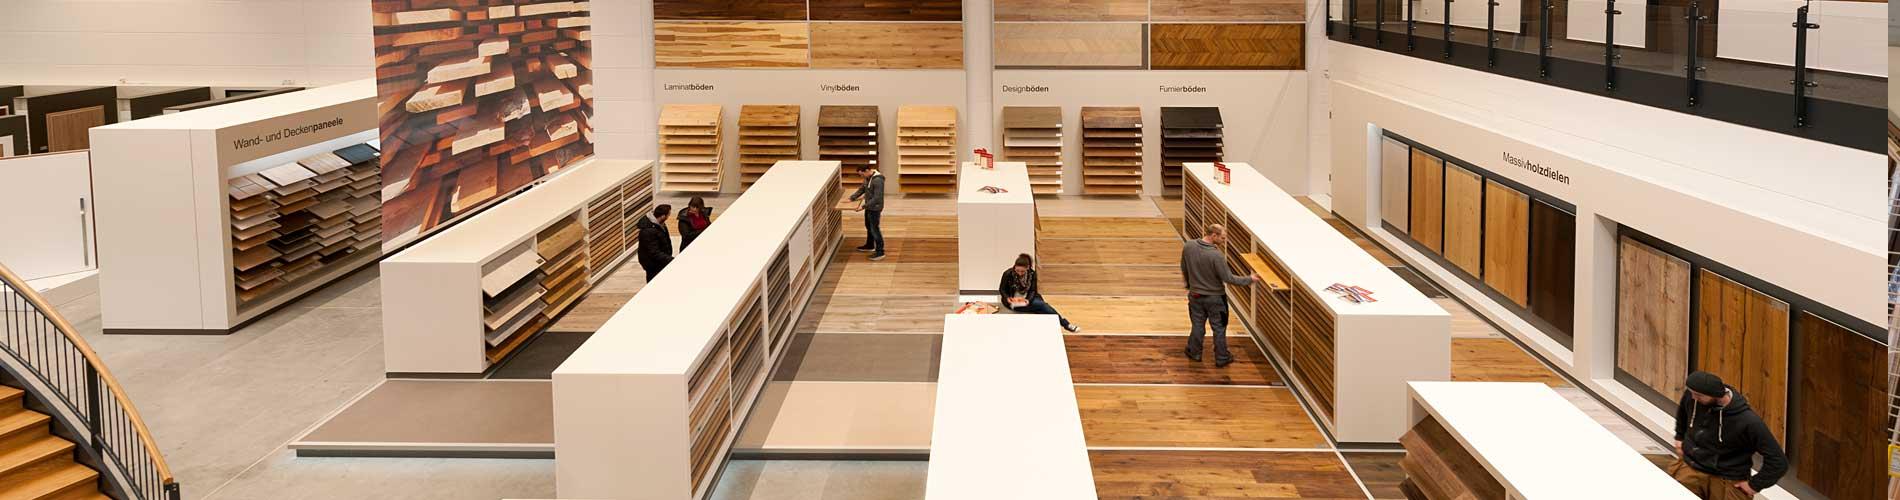 Luhmann Braunschweig Austellung Holz Fußboden